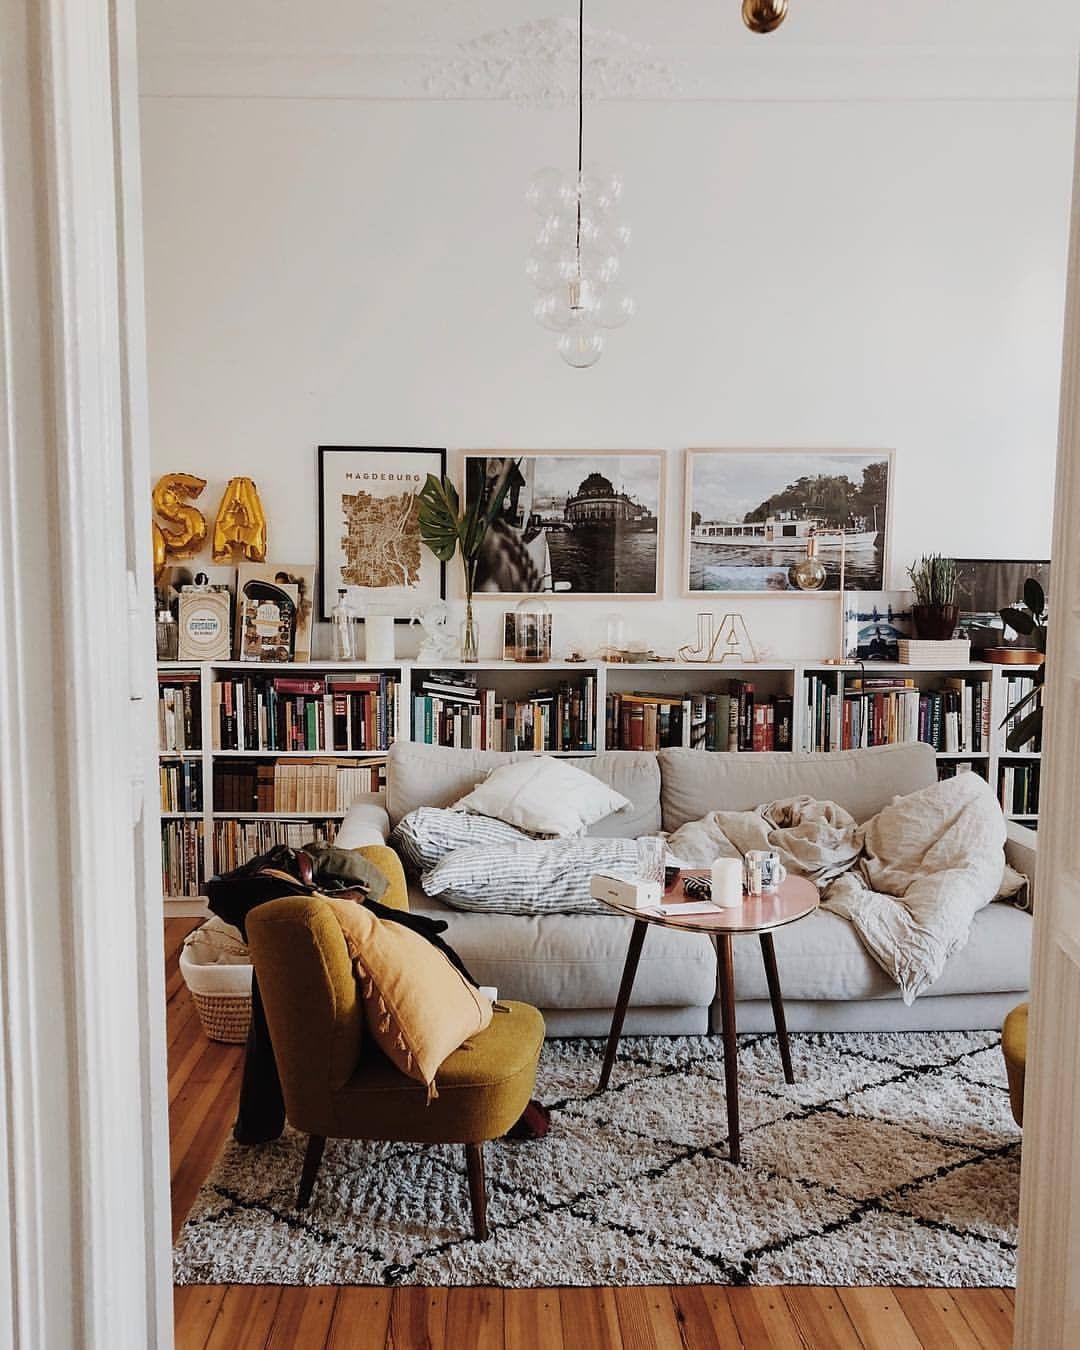 Traum Wohnzimmer | Wir Sagen Ja Zu Diesen Traumwohnzimmer Von Annmeer Solebich